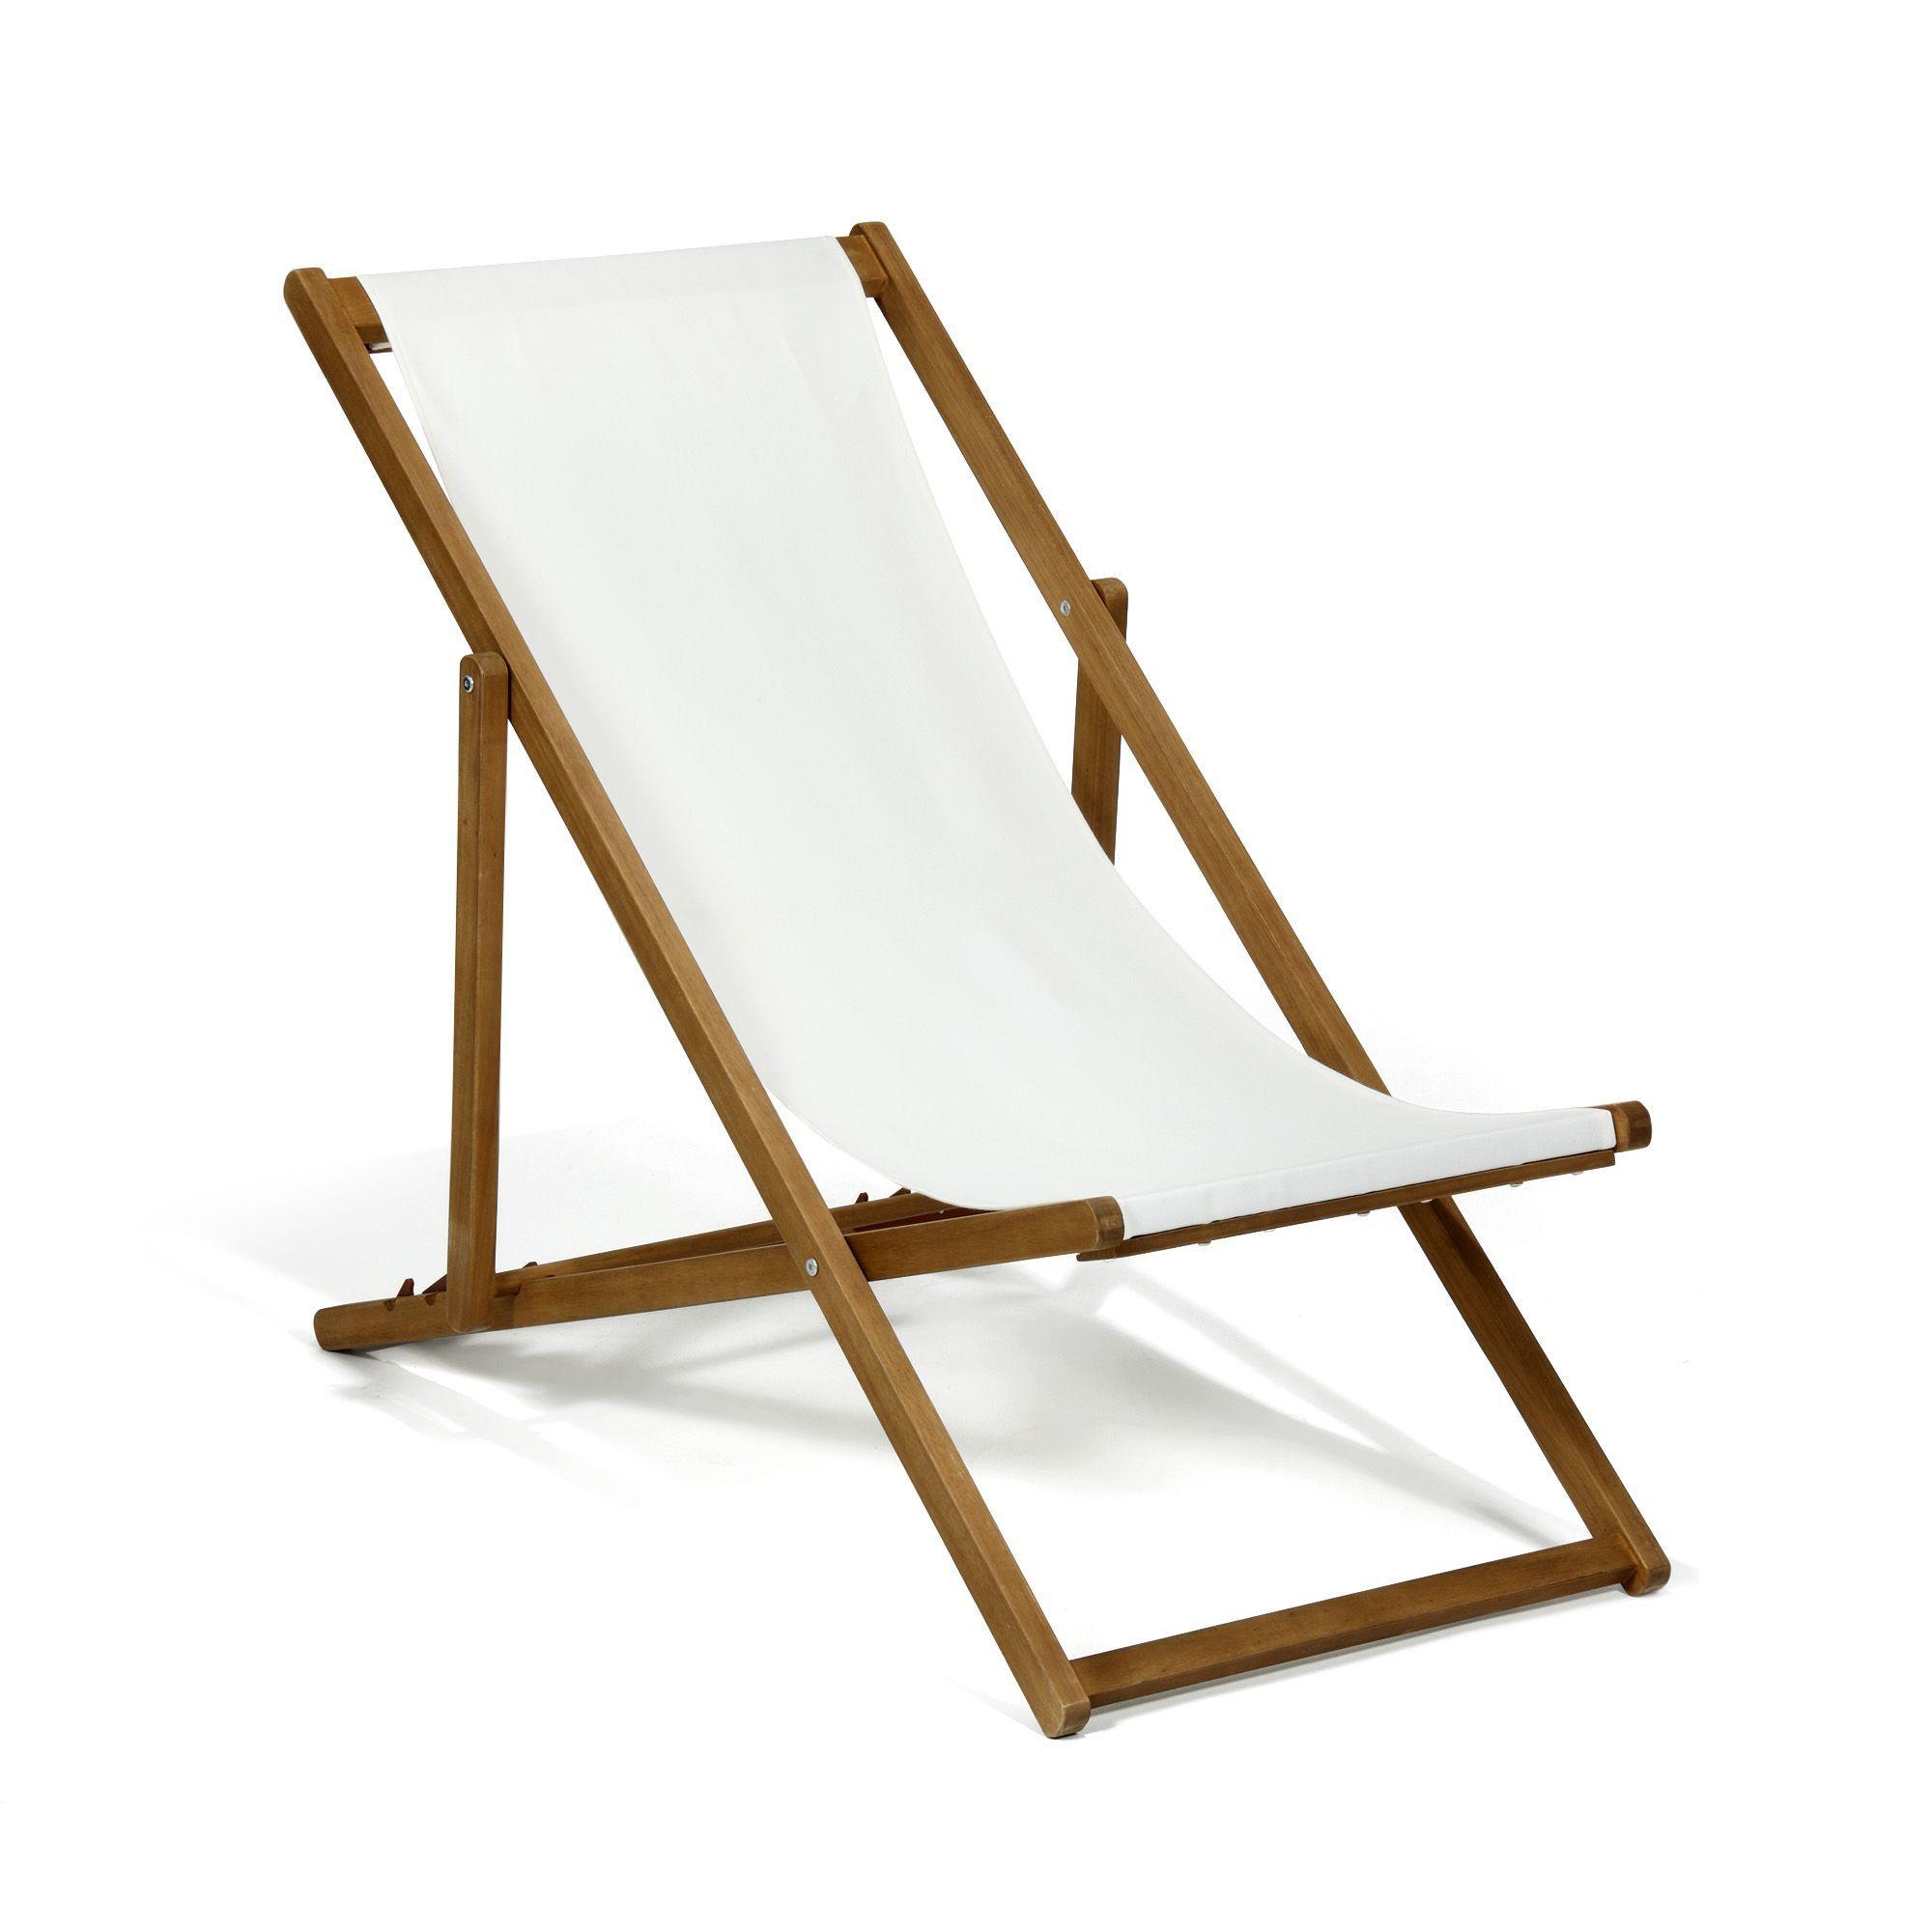 Chaise Longue De Jardin / Chilienne écru Ecru   Udine   Les Bains De Soleil  Et